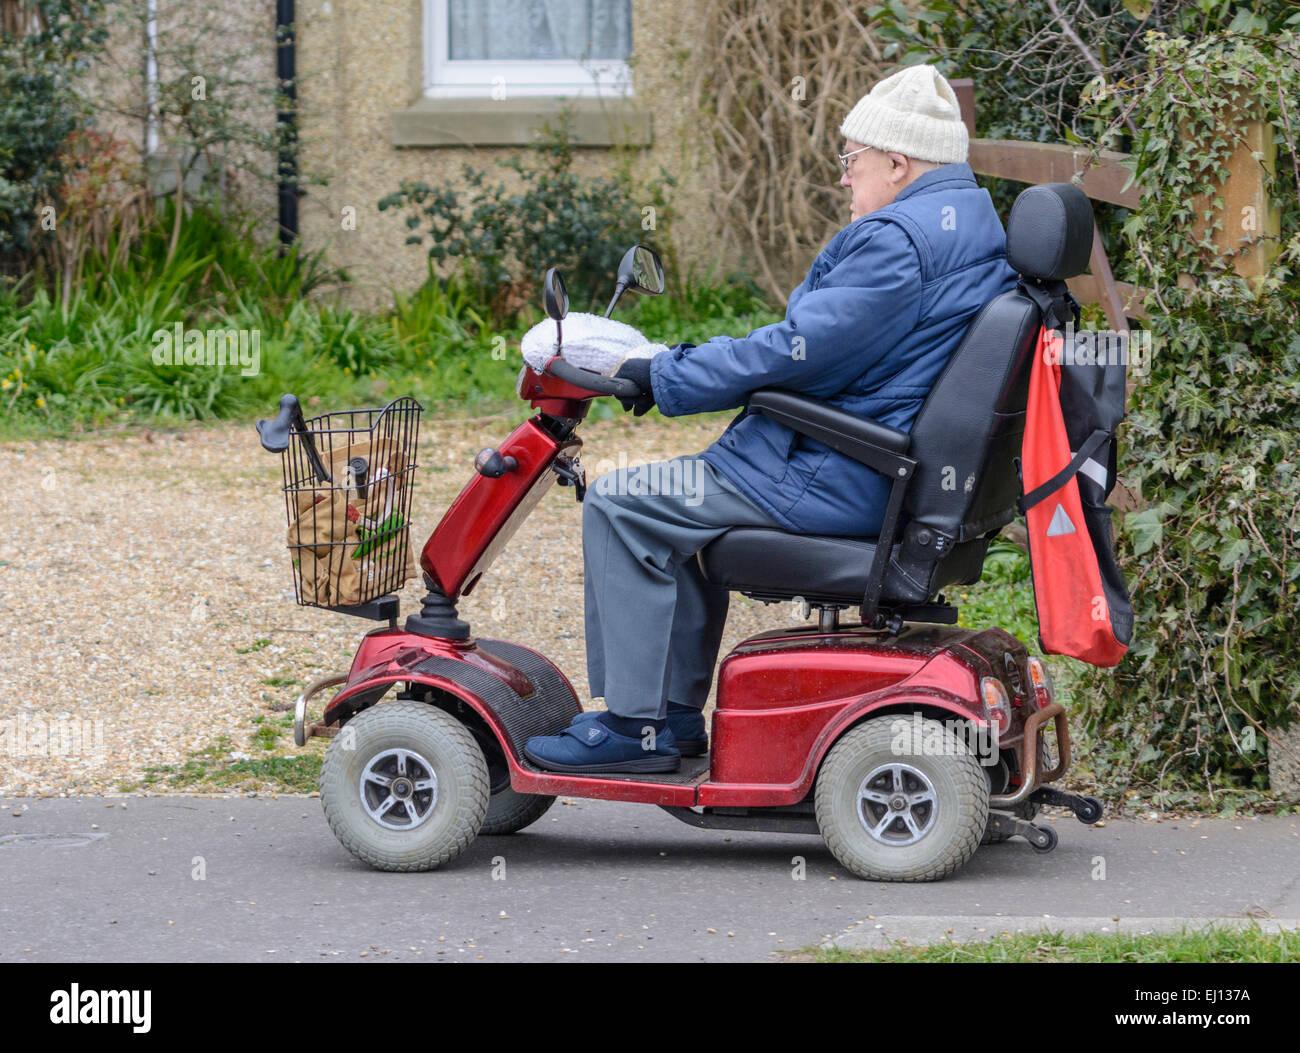 Mobilità scooter - mobilità elettrica scooter essendo cavalcato da un uomo anziano lungo un marciapiede. Immagini Stock